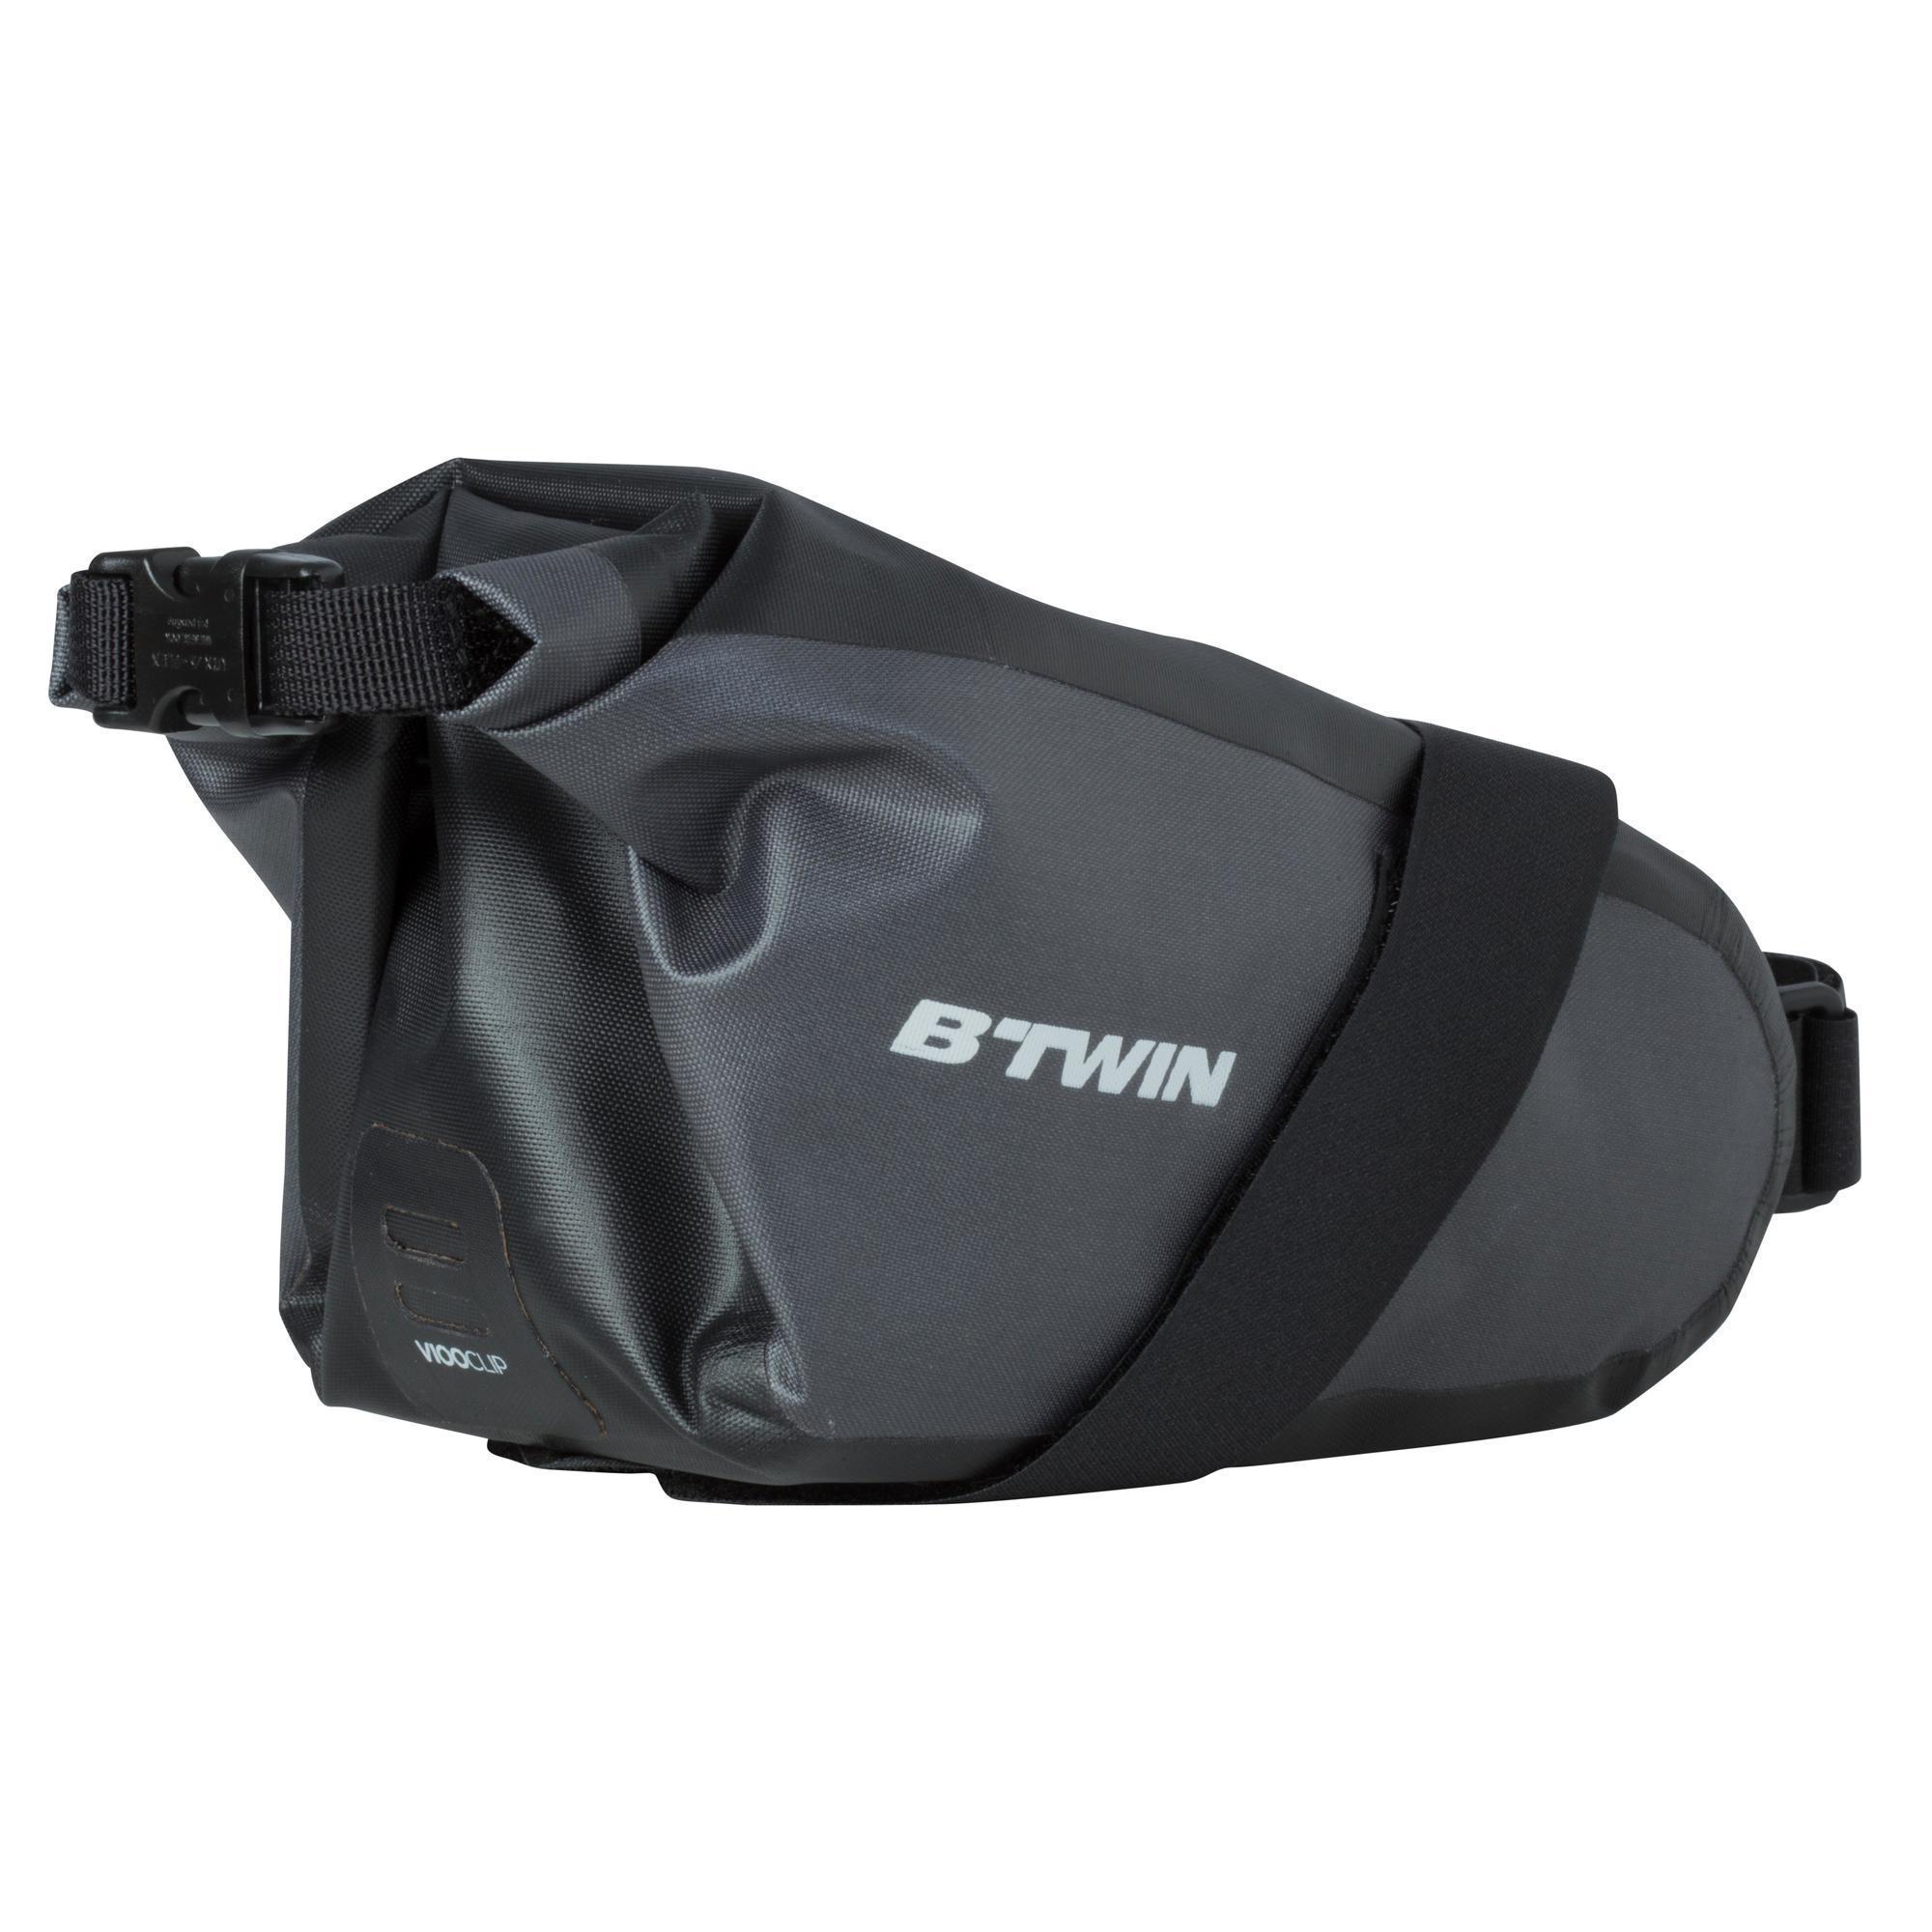 B'twin ZADELTAS FIETS 900 L 2,5L WATERDICHT ZWART kopen? Leest dit eerst: Fietsaccessoires Fietsmanden en fietstassen/Zadel-, frame- en stuurtassen met korting